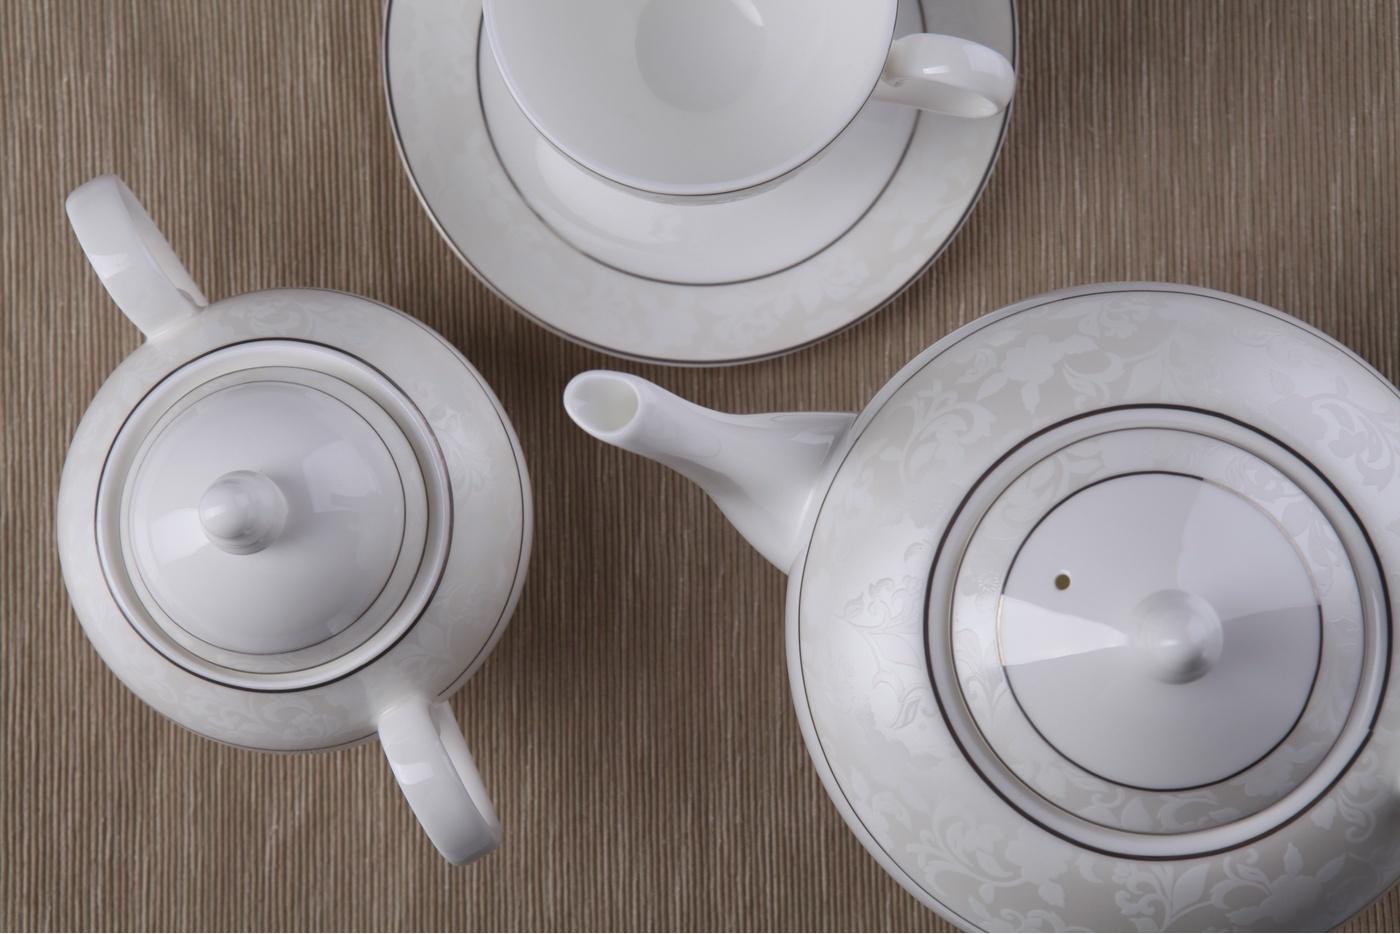 Чайный сервиз Royal Aurel Пион белый арт.105, 15 предметовЧайные сервизы<br>Чайныйсервиз Royal Aurel Пион белый арт.105, 15предметов<br><br><br><br><br><br><br><br><br><br><br><br>Чашка 270 мл,6 шт.<br>Блюдце 15 см,6 шт.<br>Чайник 1100 мл<br>Сахарница 370 мл<br><br><br><br><br><br><br><br><br>Молочник 300 мл<br><br><br><br><br><br><br><br><br>Производить посуду из фарфора начали в Китае на стыке 6-7 веков. Неустанно совершенствуя и селективно отбирая сырье для производства посуды из фарфора, мастерам удалось добиться выдающихся характеристик фарфора: белизны и тонкостенности. В XV веке появился особый интерес к китайской фарфоровой посуде, так как в это время Европе возникла мода на самобытные китайские вещи. Роскошный китайский фарфор являлся изыском и был в новинку, поэтому он выступал в качестве подарка королям, а также знатным людям. Такой дорогой подарок был очень престижен и по праву являлся элитной посудой. Как известно из многочисленных исторических документов, в Европе китайские изделия из фарфора ценились практически как золото. <br>Проверка изделий из костяного фарфора на подлинность <br>По сравнению с производством других видов фарфора процесс производства изделий из настоящего костяного фарфора сложен и весьма длителен. Посуда из изящного фарфора - это элитная посуда, которая всегда ассоциируется с богатством, величием и благородством. Несмотря на небольшую толщину, фарфоровая посуда - это очень прочное изделие. Для демонстрации плотности и прочности фарфора можно легко коснуться предметов посуды из фарфора деревянной палочкой, и тогда мы услушим характерный металлический звон. В составе фарфоровой посуды присутствует костяная зола, благодаря чему она может быть намного тоньше (не более 2,5 мм) и легче твердого или мягкого фарфора. Безупречная белизна - ключевой признак отличия такого фарфора от других. Цвет обычного фарфора сероватый или ближе к голубоватому, а костяной фарфор будет всегда будет молочно-белого цвета. Характерная и немаловажная деталь -